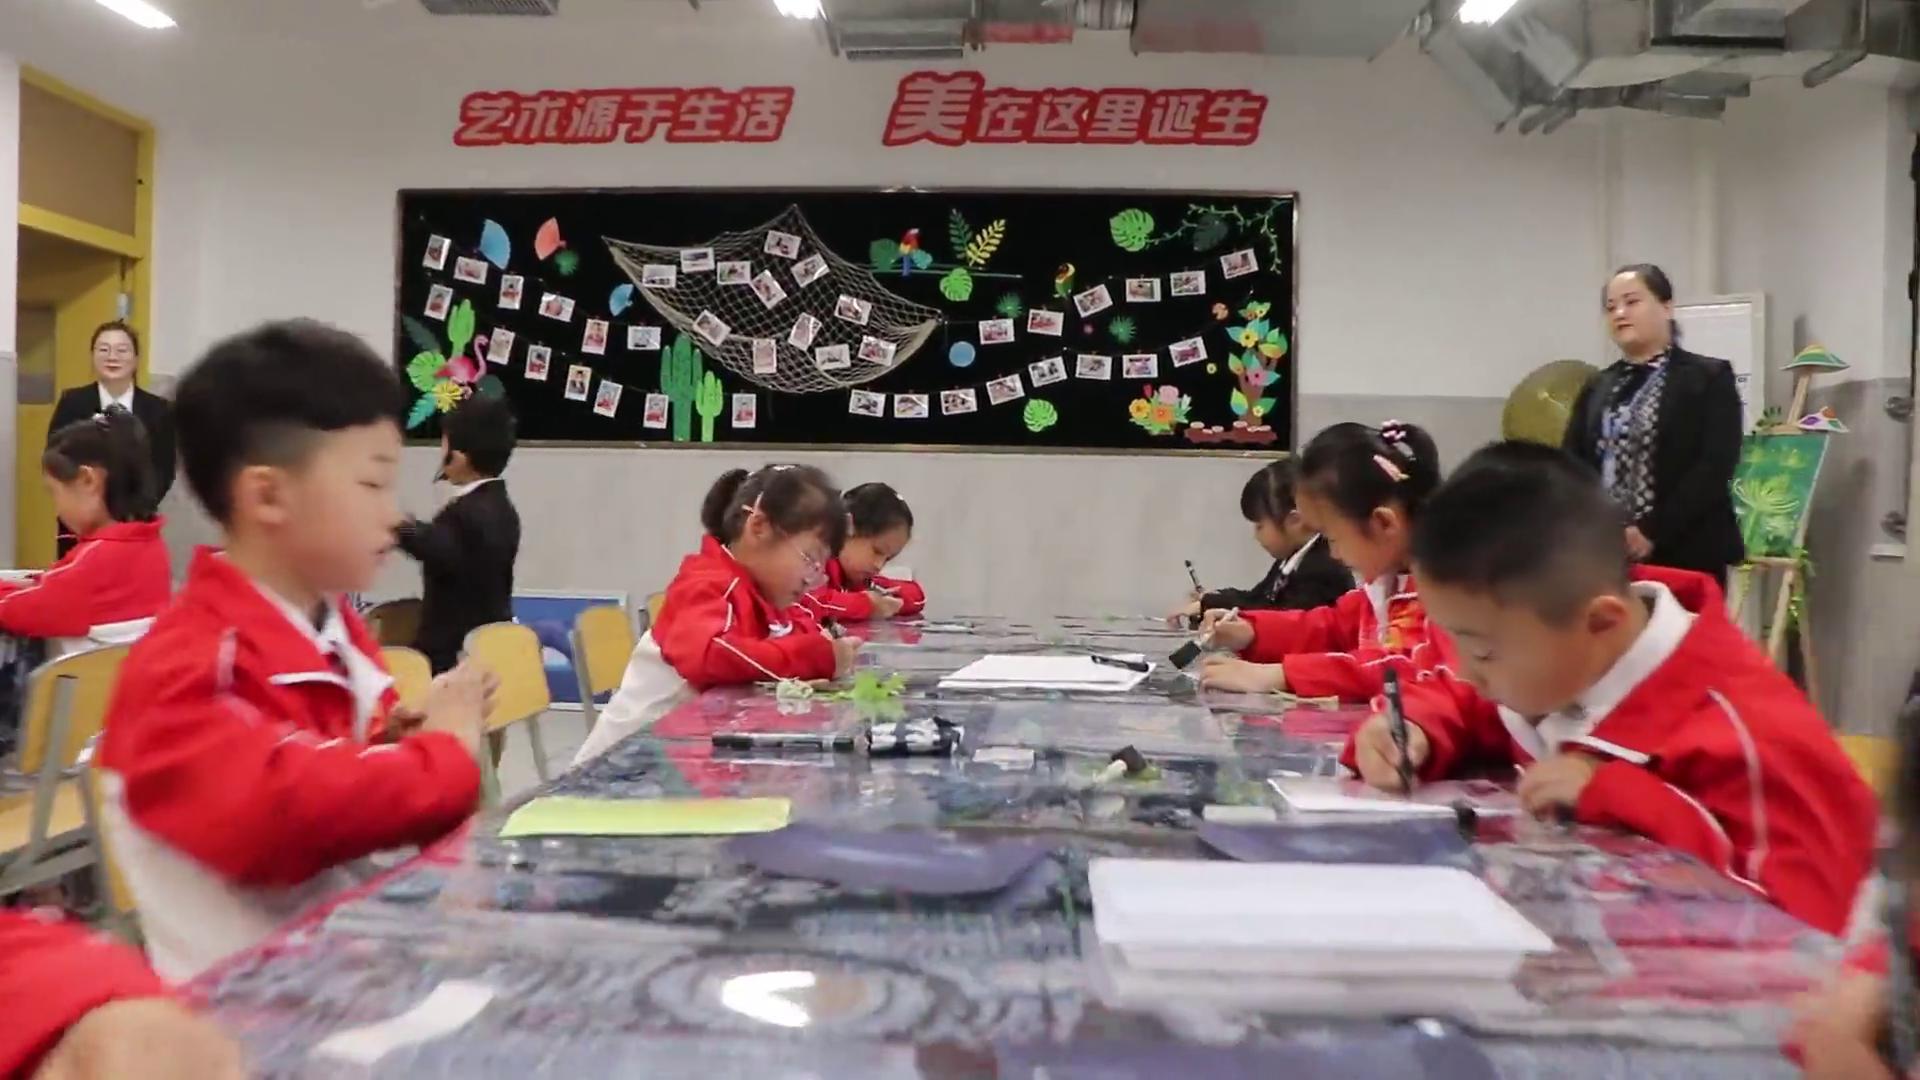 """【视频】西安高新区裂变""""名校""""资源 推进区域教育均衡发展"""